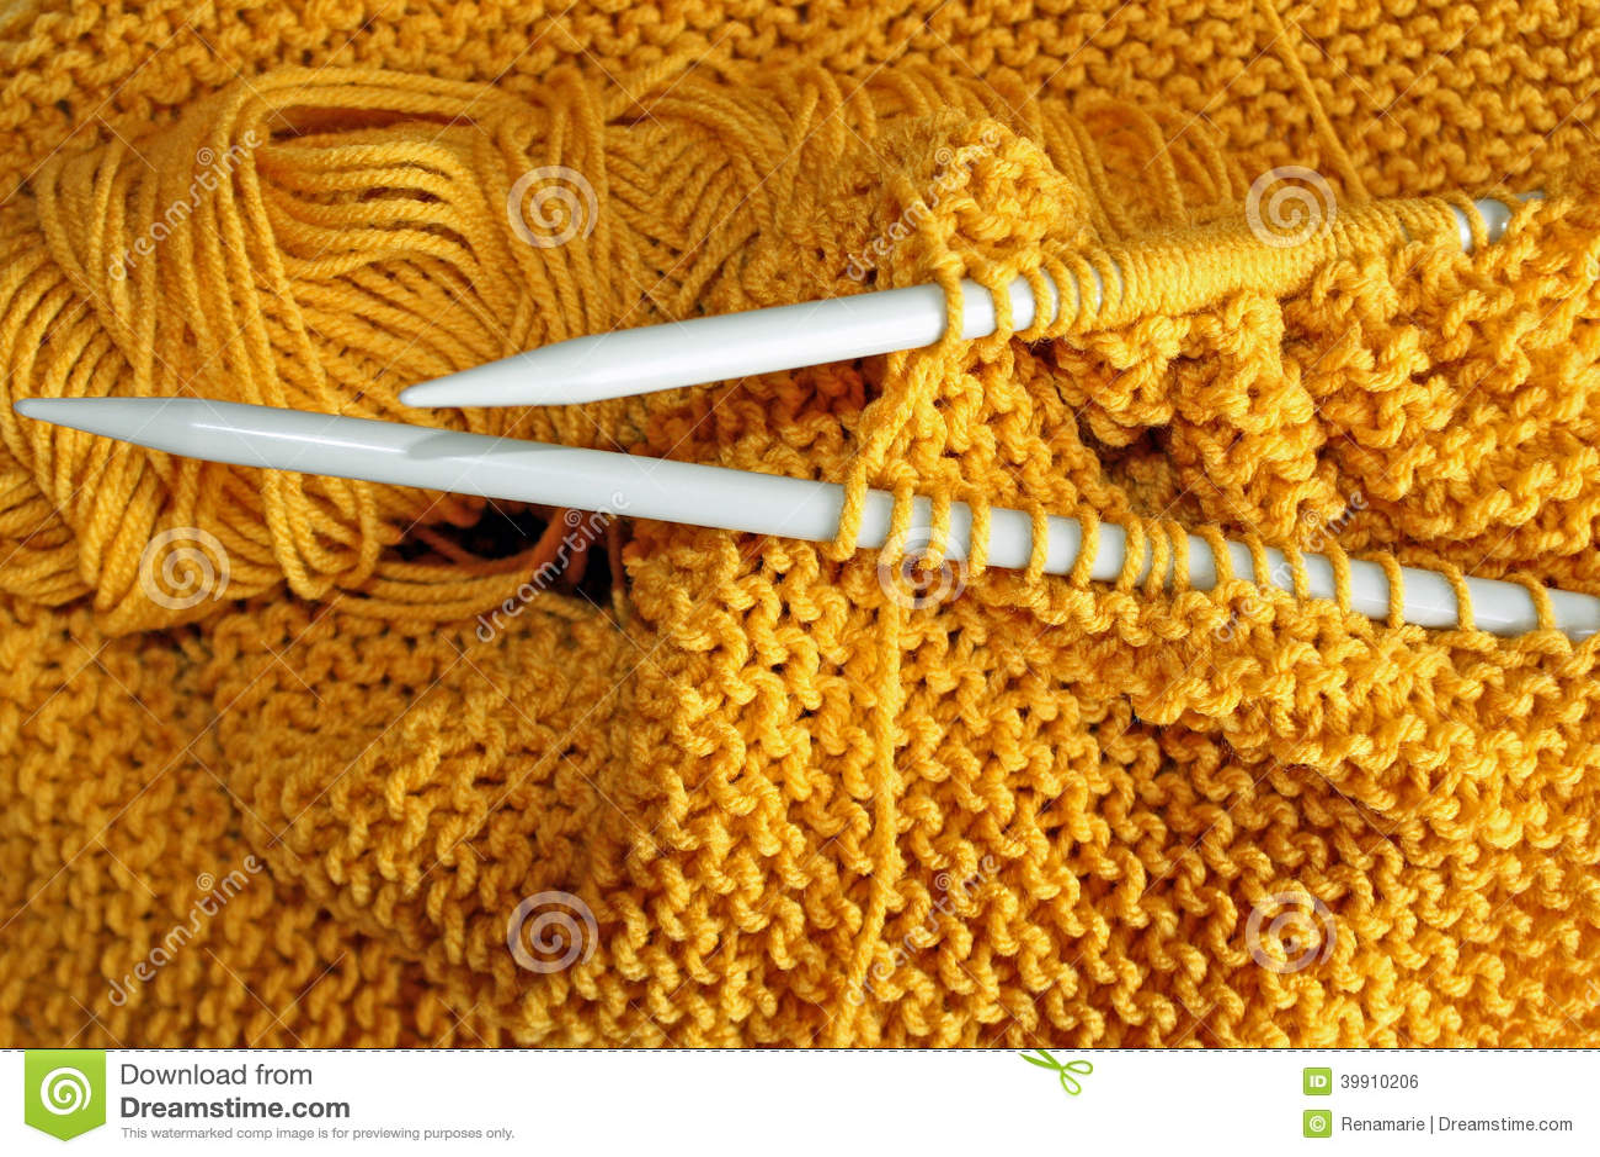 Knitting Stock Photo - Image: 39910206